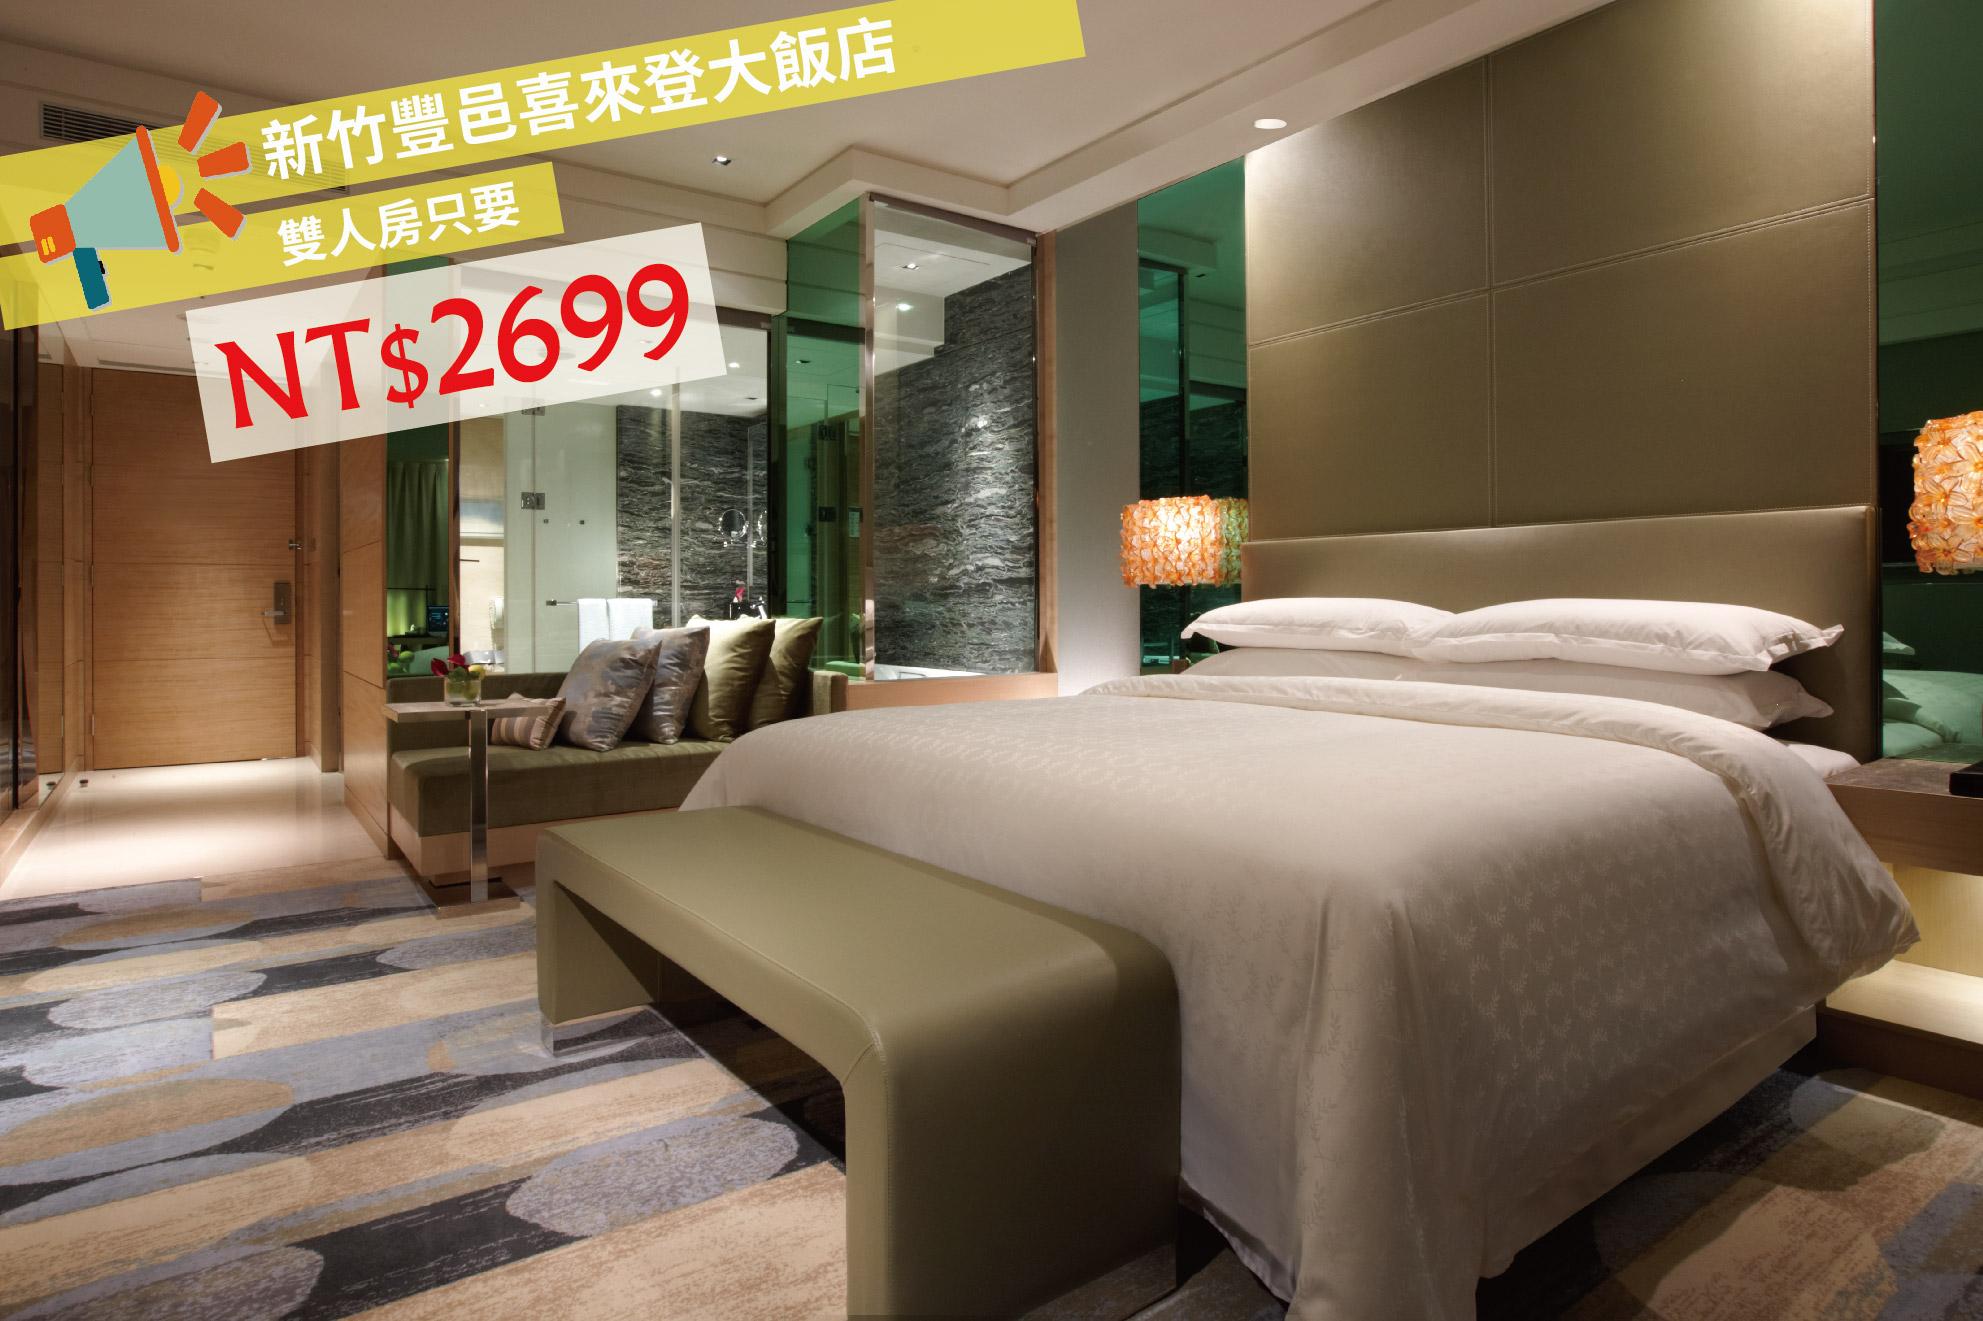 即時熱門文章:新竹喜來登特價,2699單晚雙人房,含兩客早餐!走吧!去新竹吹風~